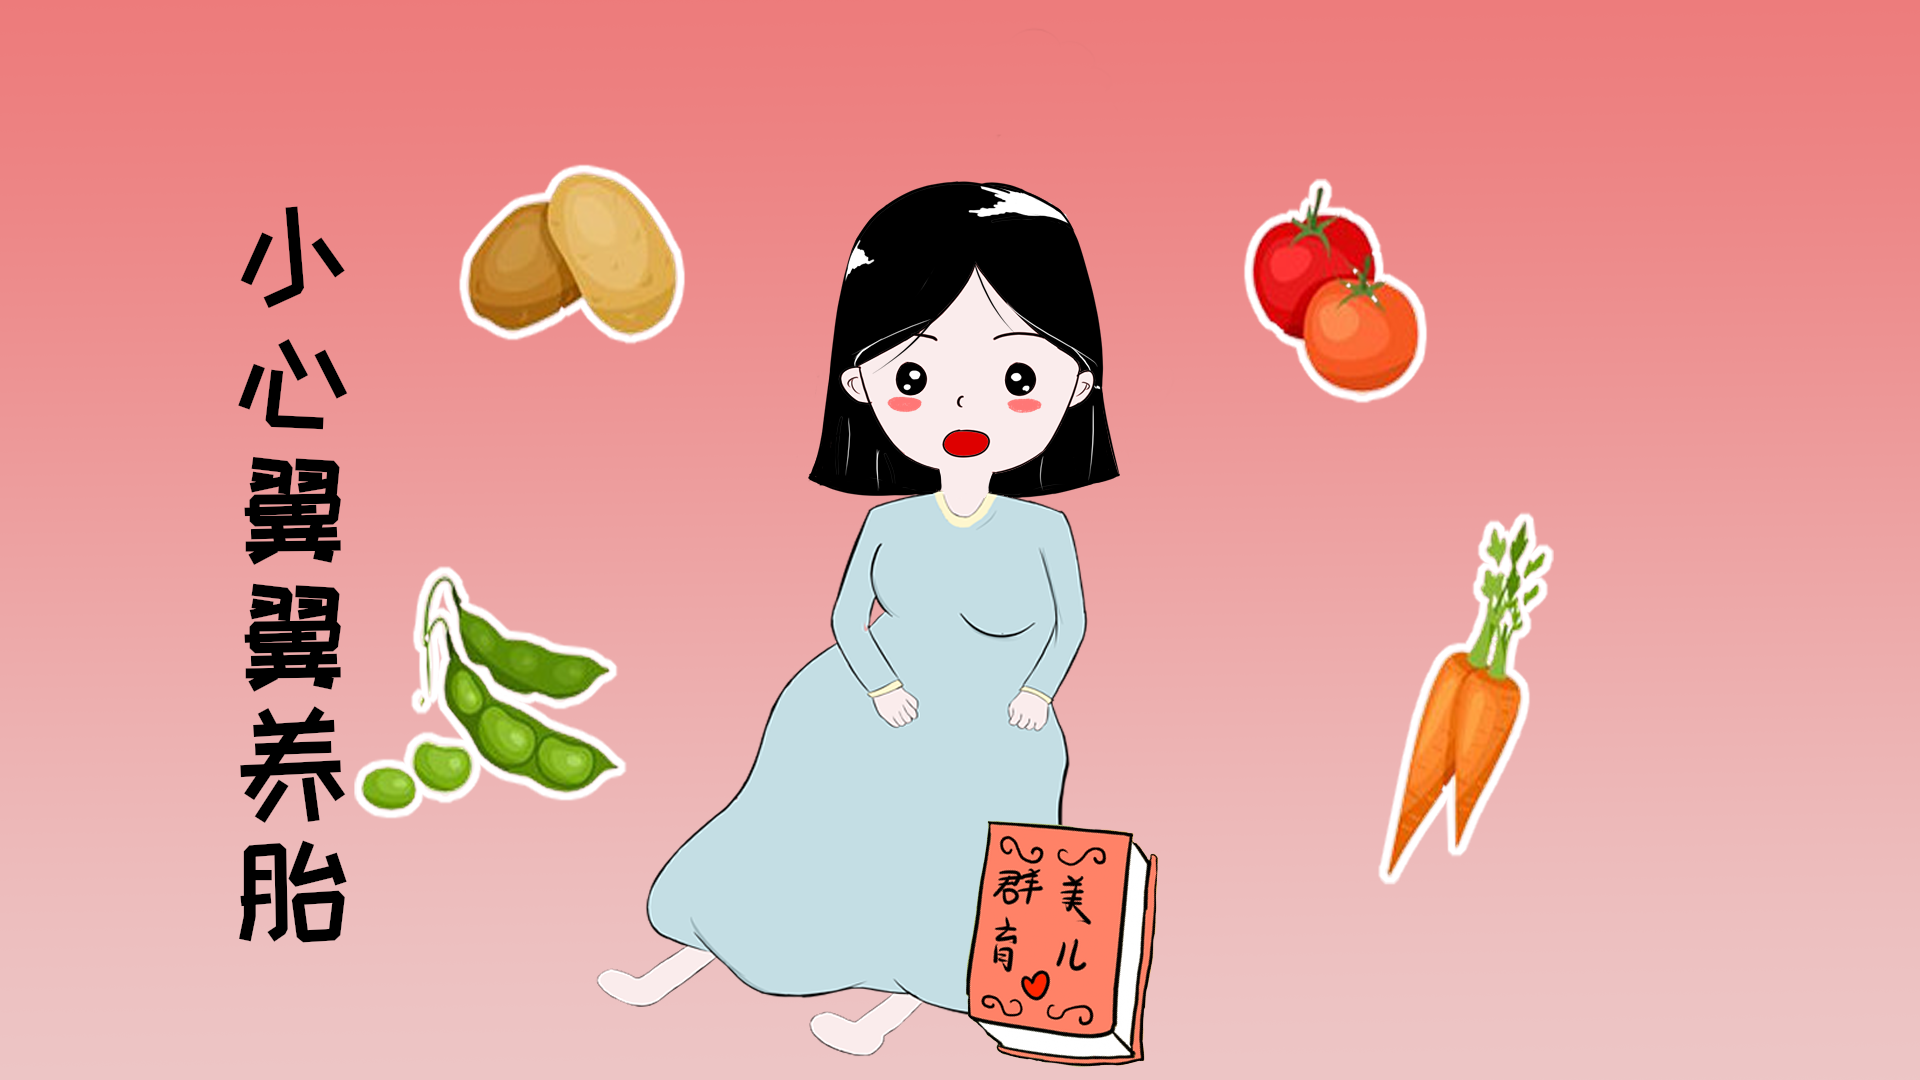 孕妇卡通图片